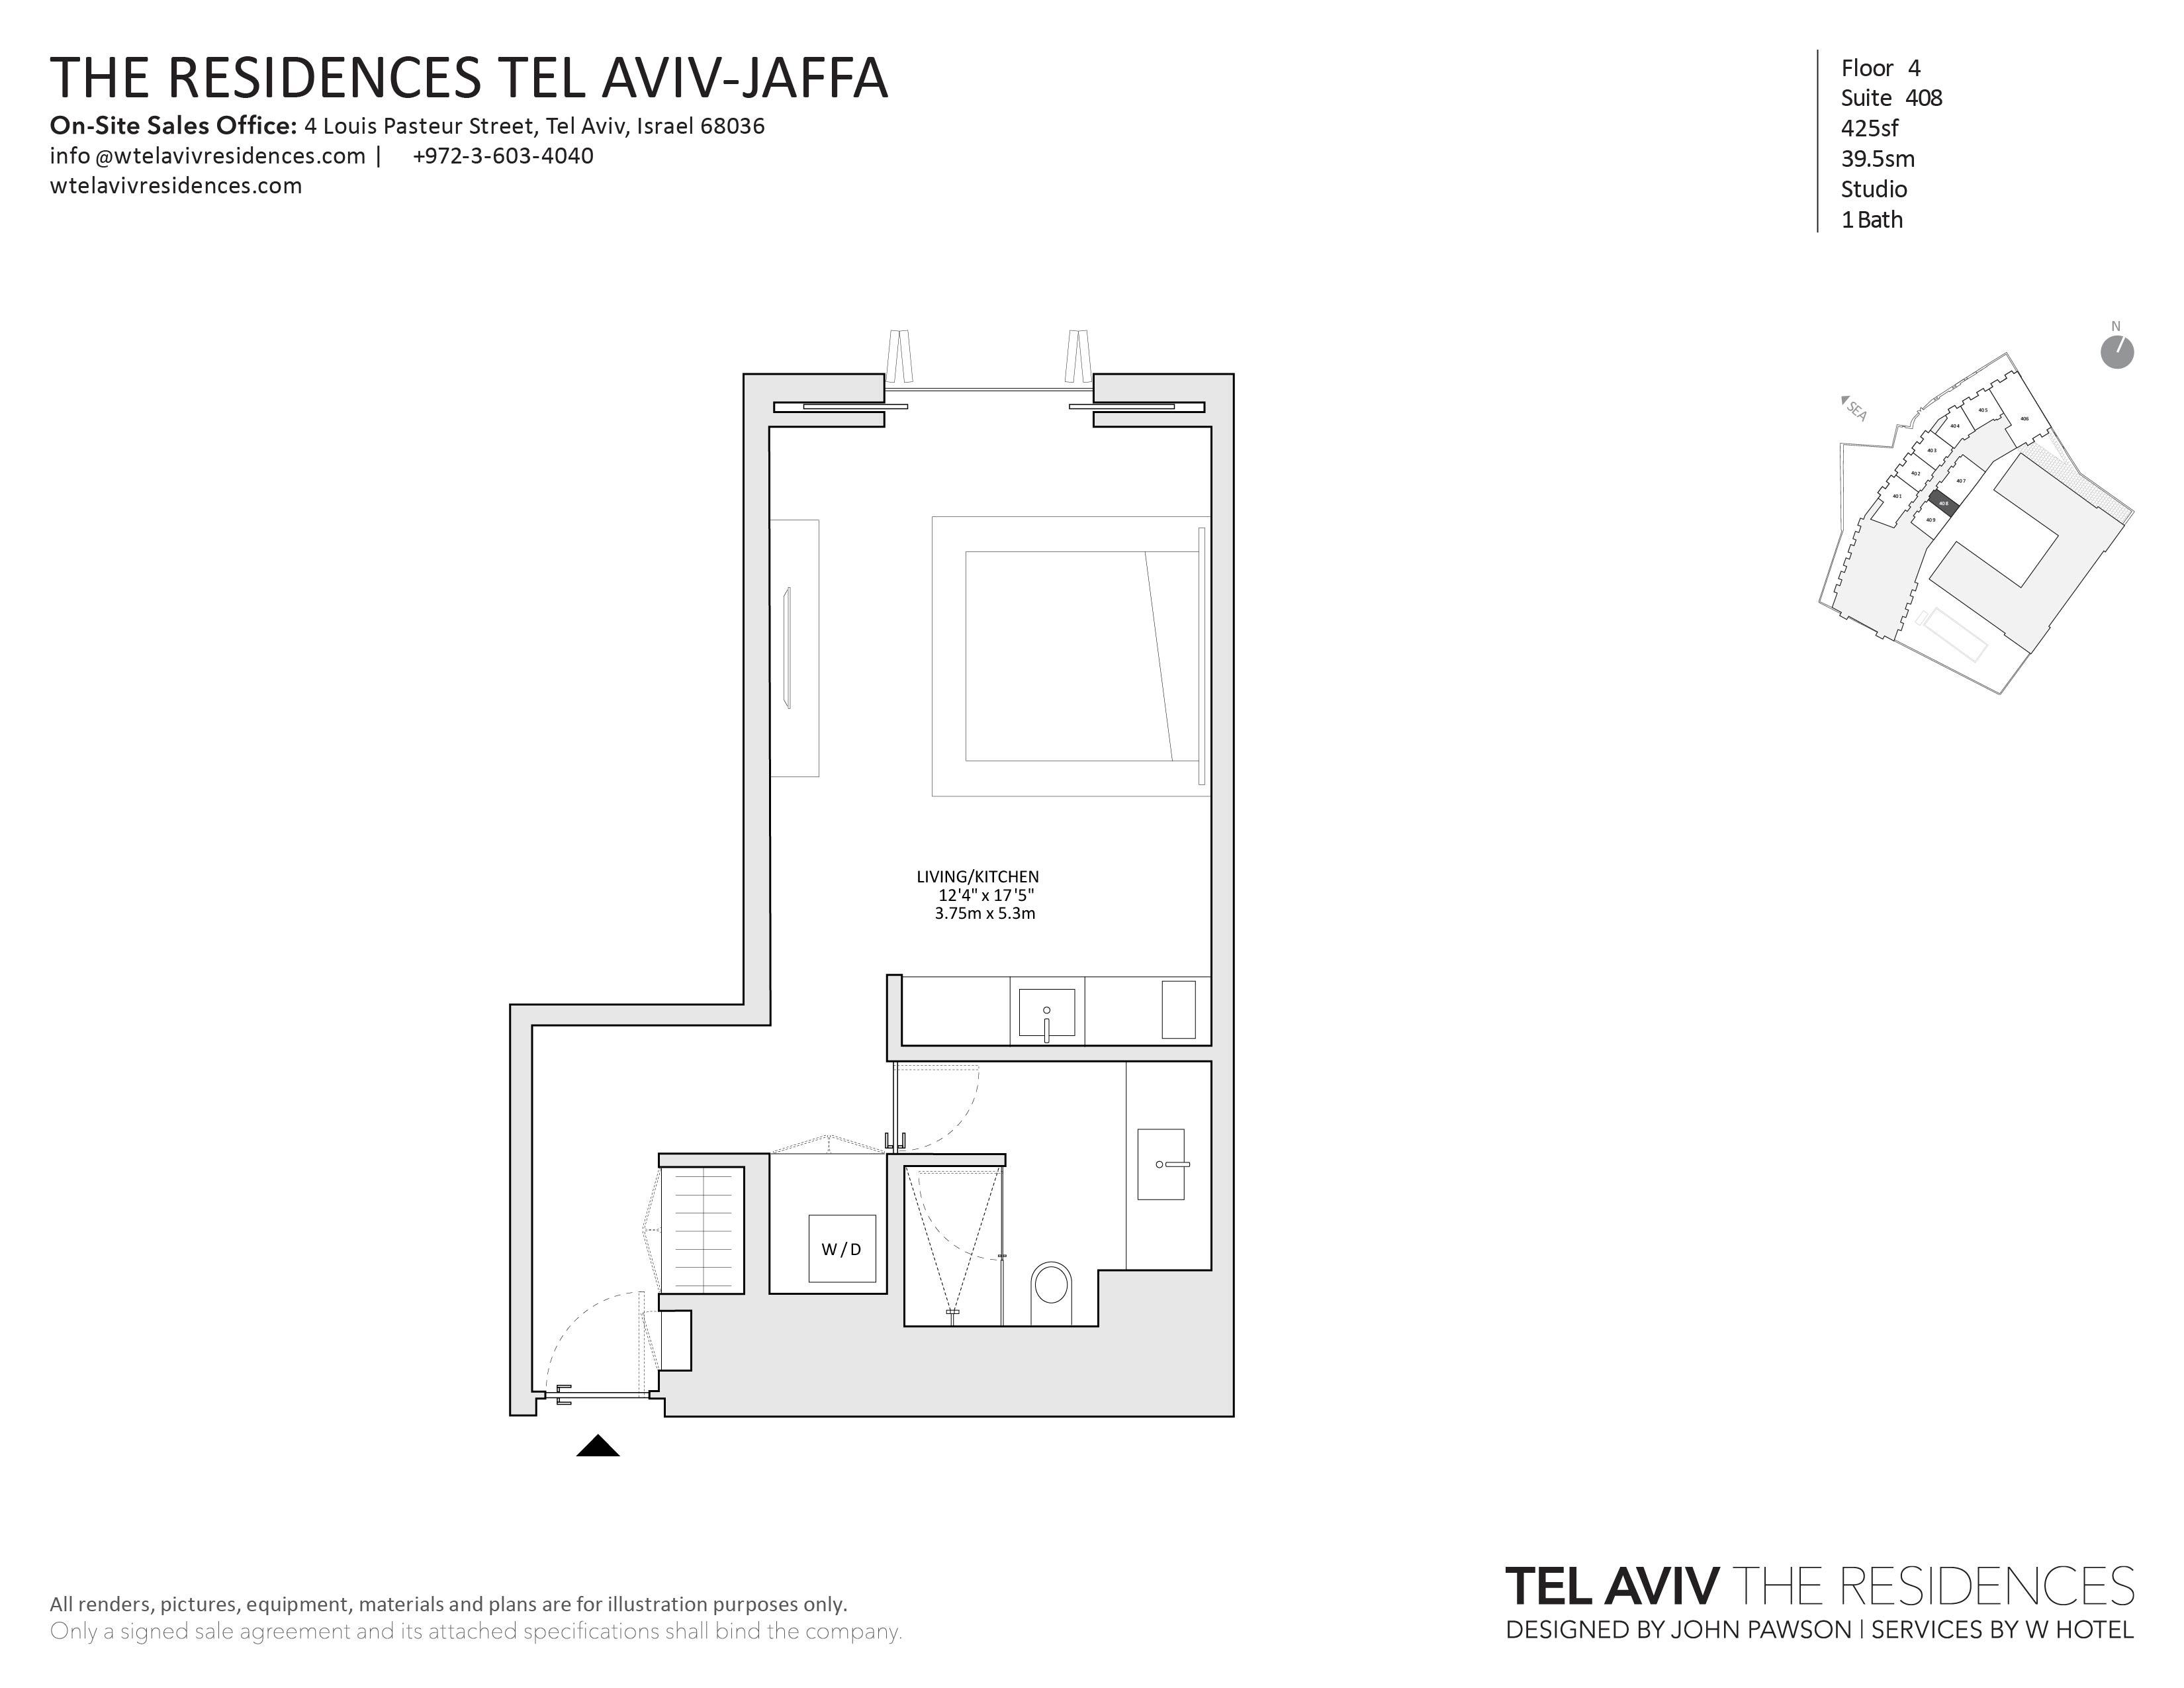 公寓 为 销售 在 W Tel Aviv Residences, 408 Luxury Studio Apartment 特拉维夫, 以色列 68036 以色列